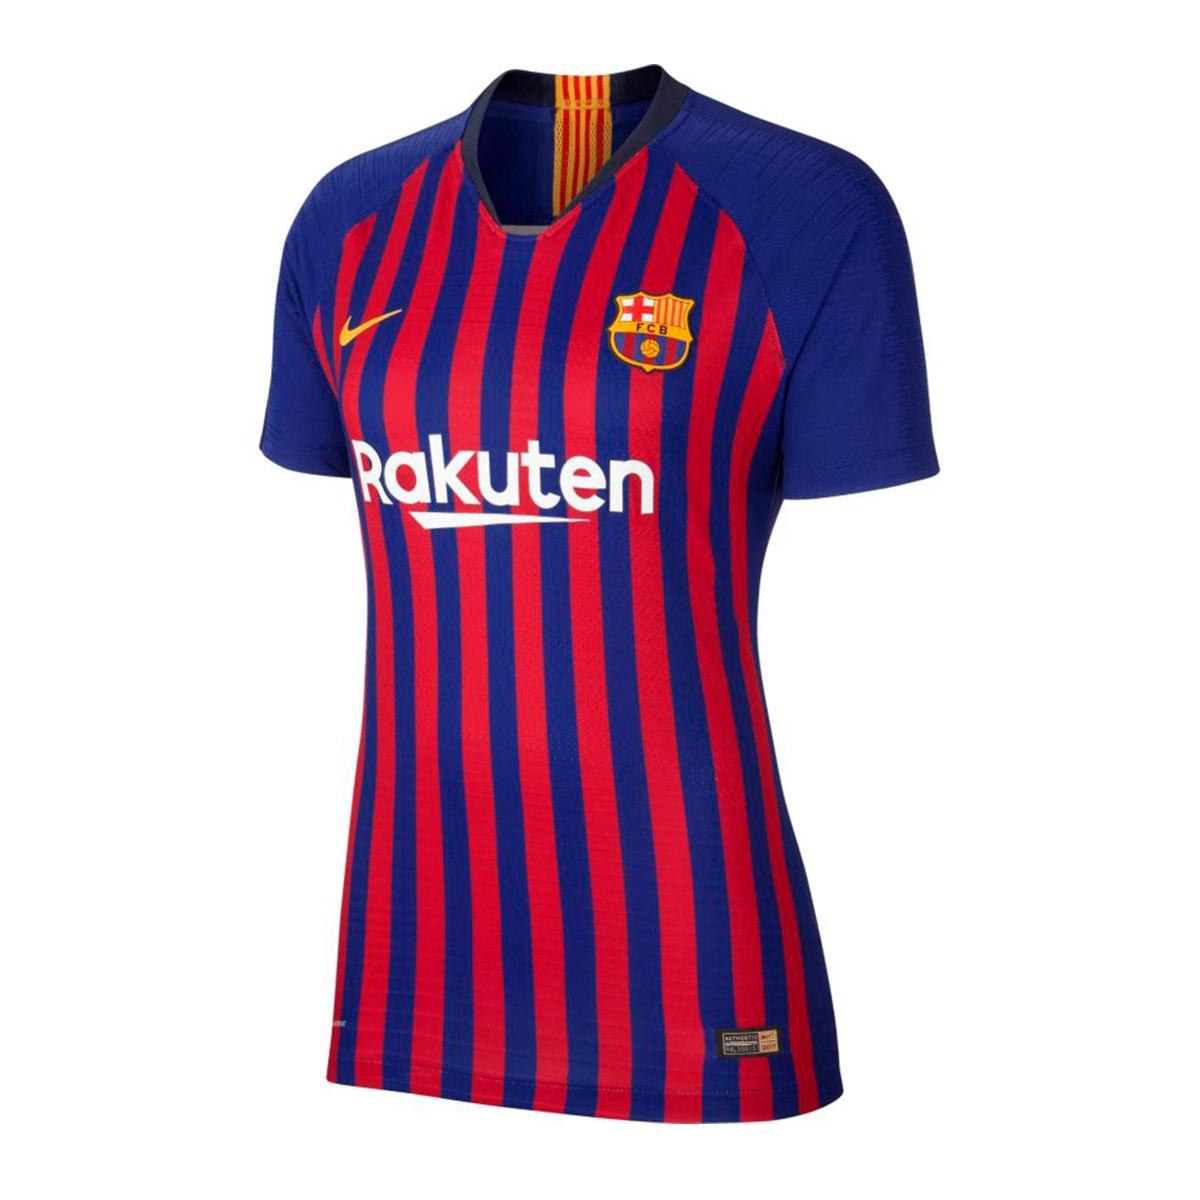 61fc13ddf9ff3 Camiseta Nike FC Barcelona Vapor Primera Equipación 2018-2019 Mujer Deep  royal blue-University gold - Tienda de fútbol Fútbol Emotion